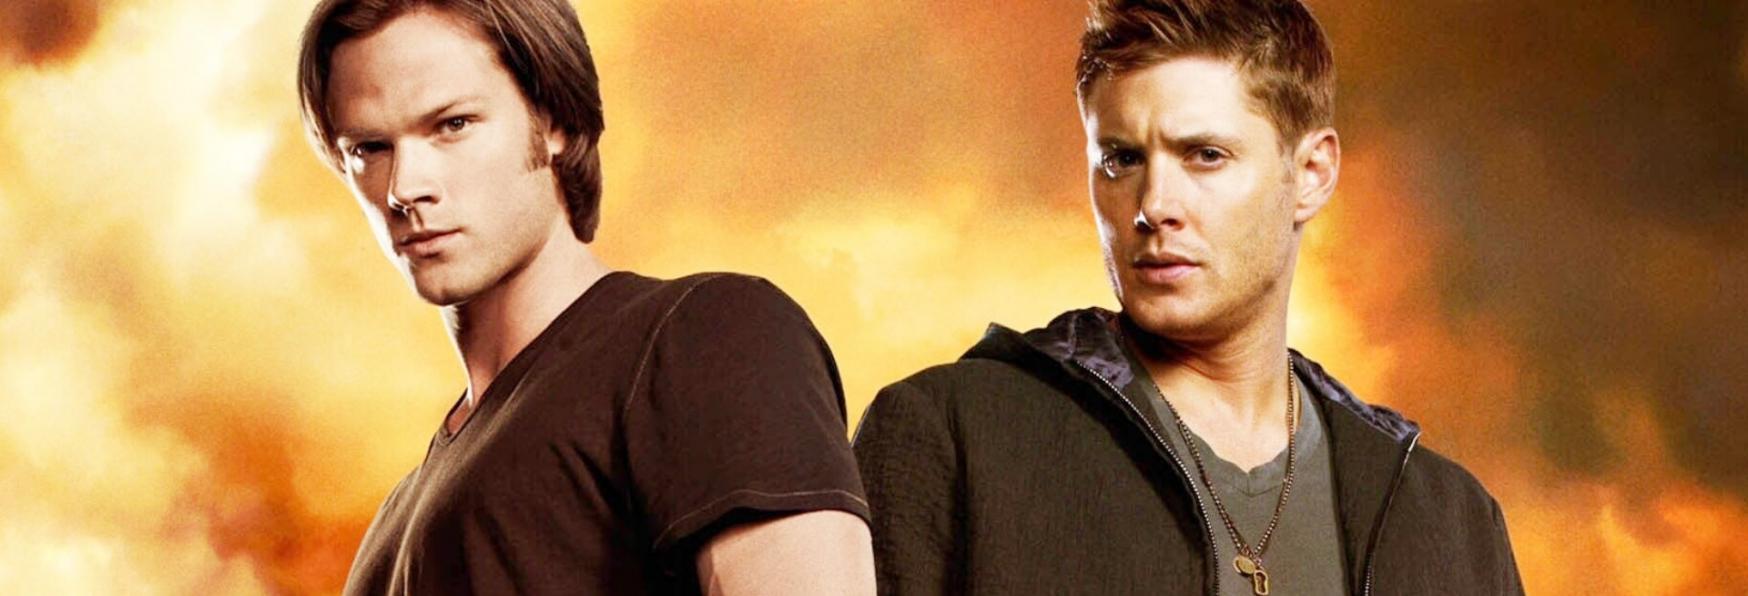 12 Curiosità che (forse) non sapevi sulla mitica Serie TV Supernatural